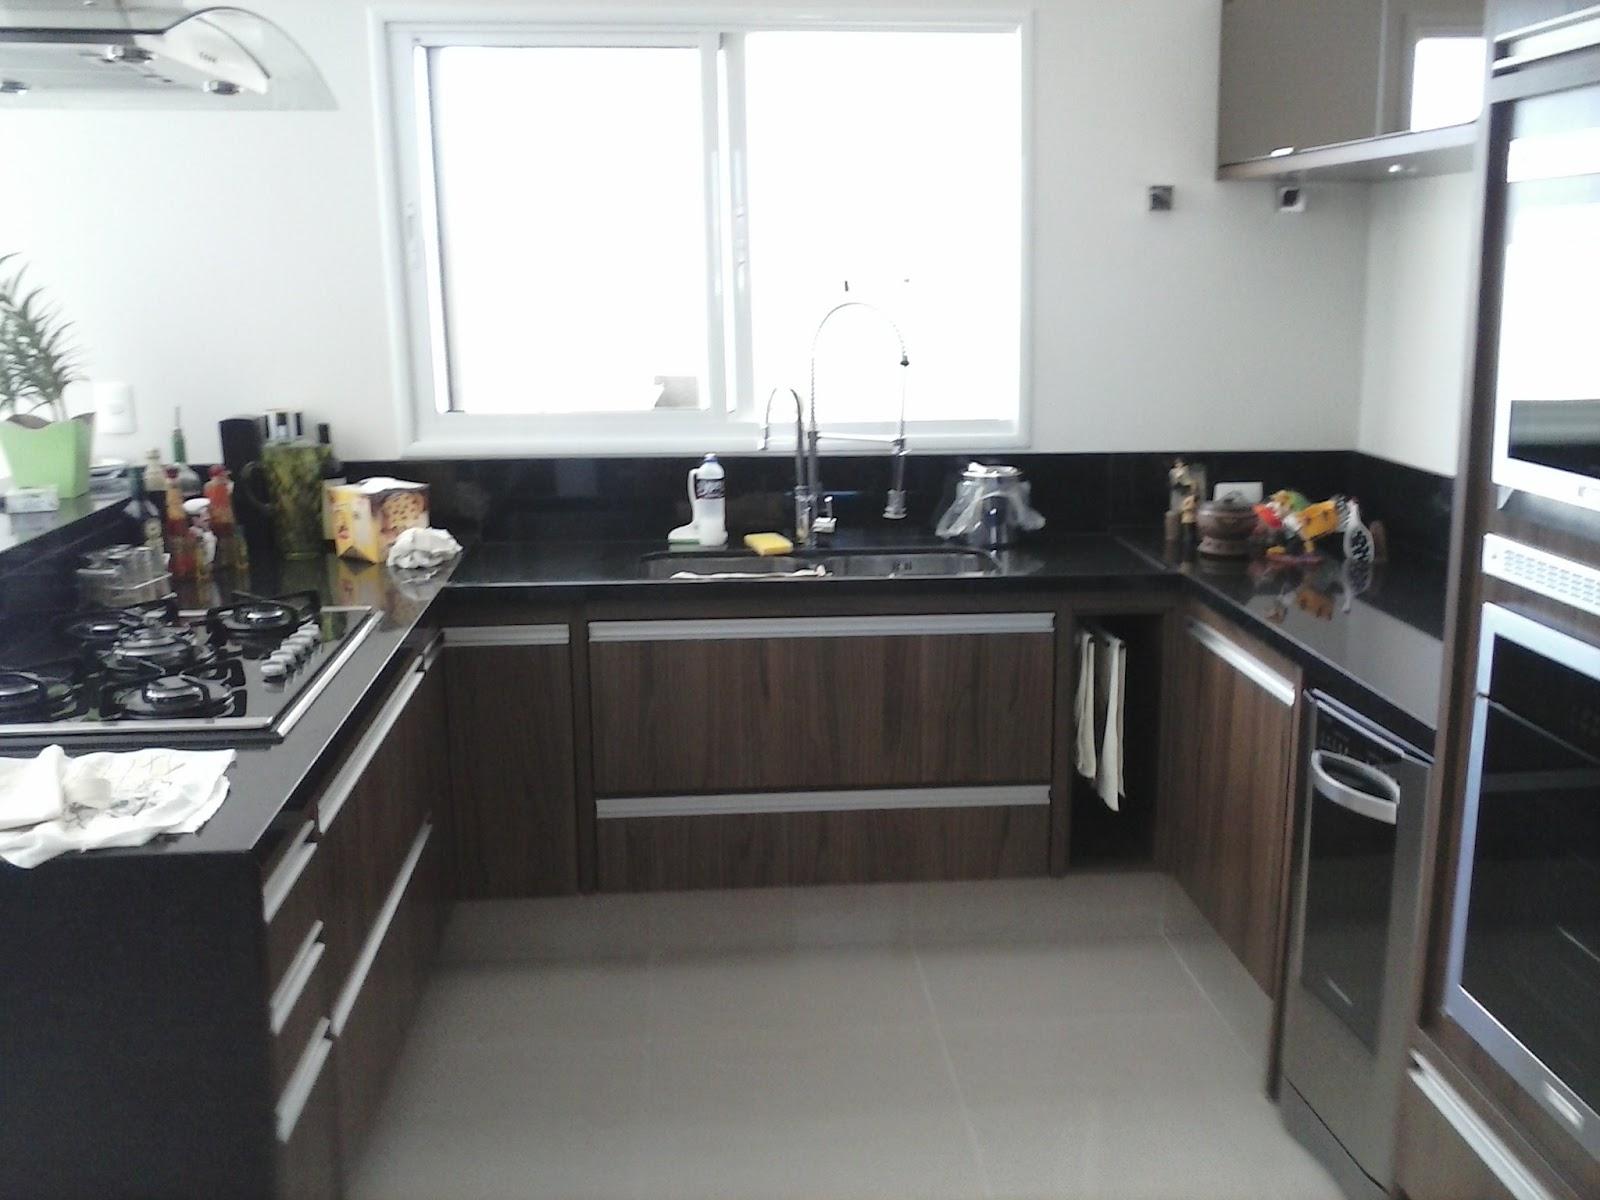 #777C4F Móveis & Design o Bom Gosto em sua casa: cozinha moderna alto padrão 1600x1200 px Cozinha Design Casa_60 Imagens